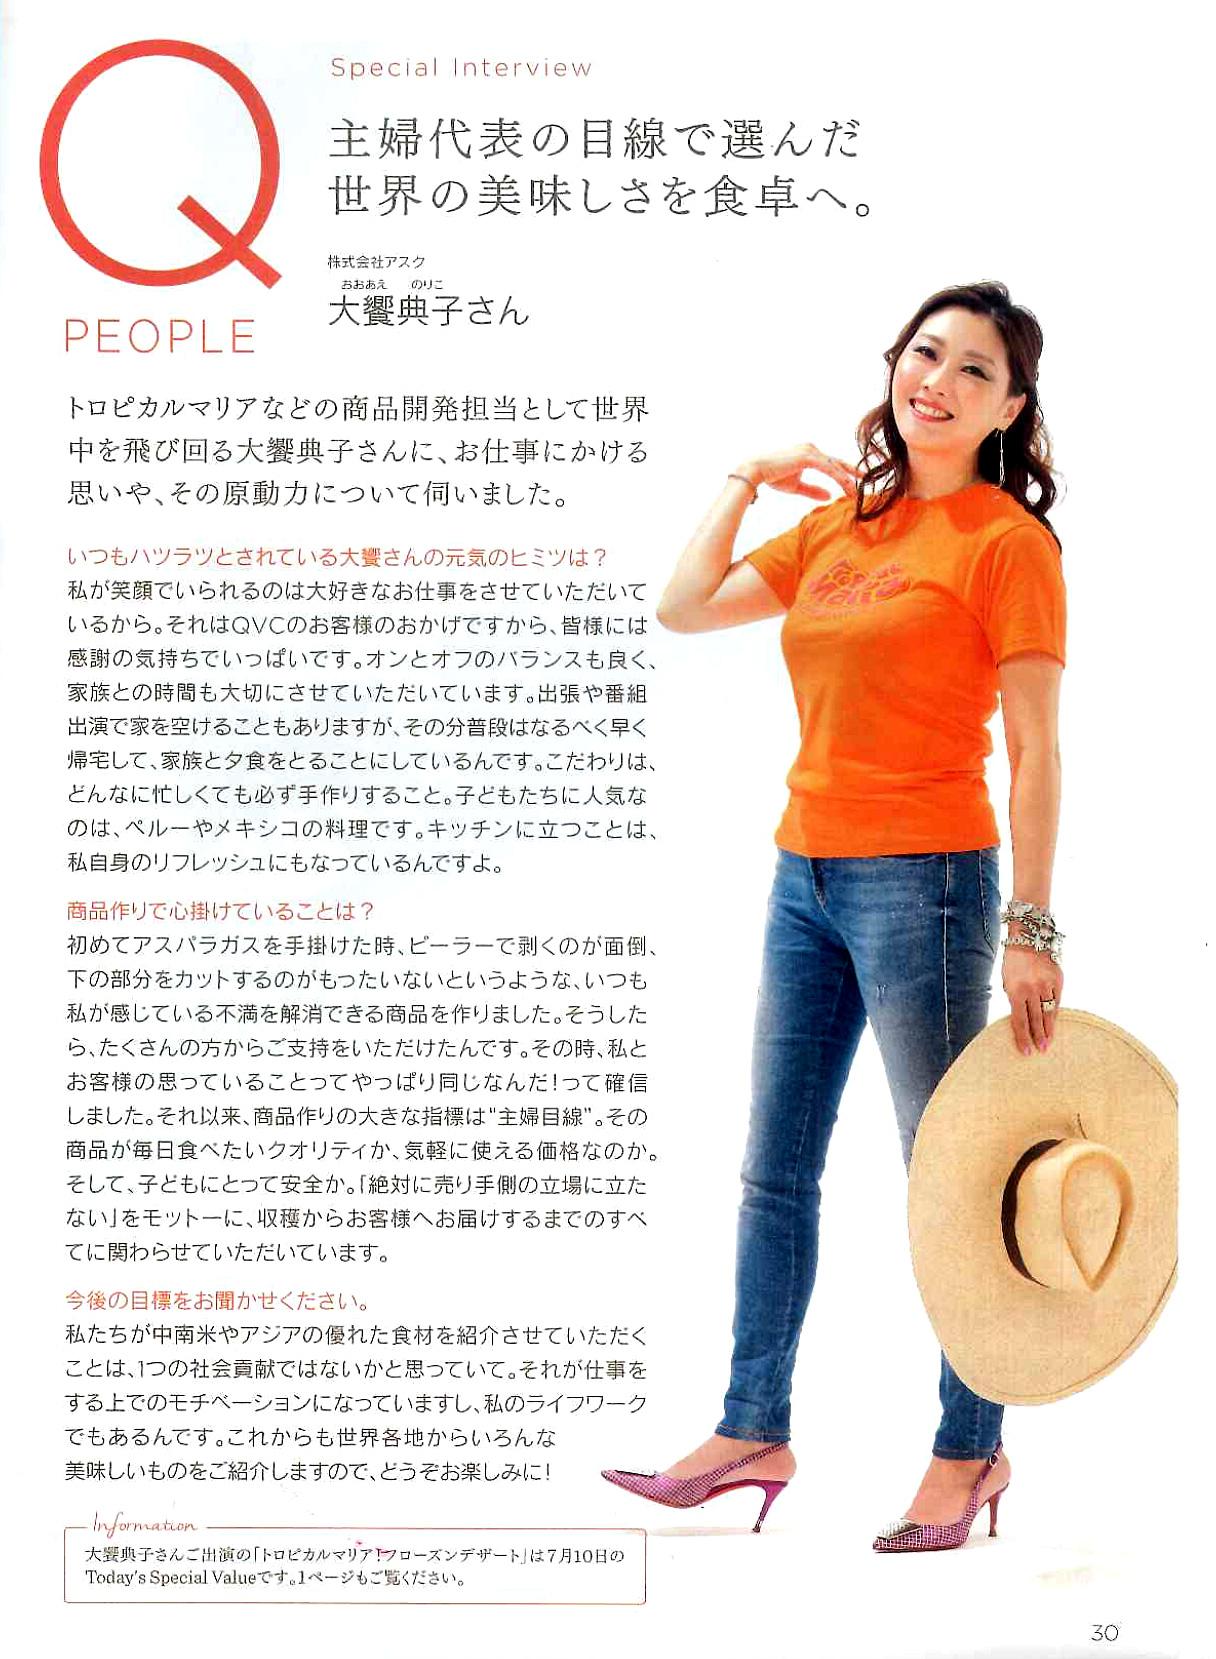 https://www.asc.co.jp/news/image/20190625100041617-3.jpg